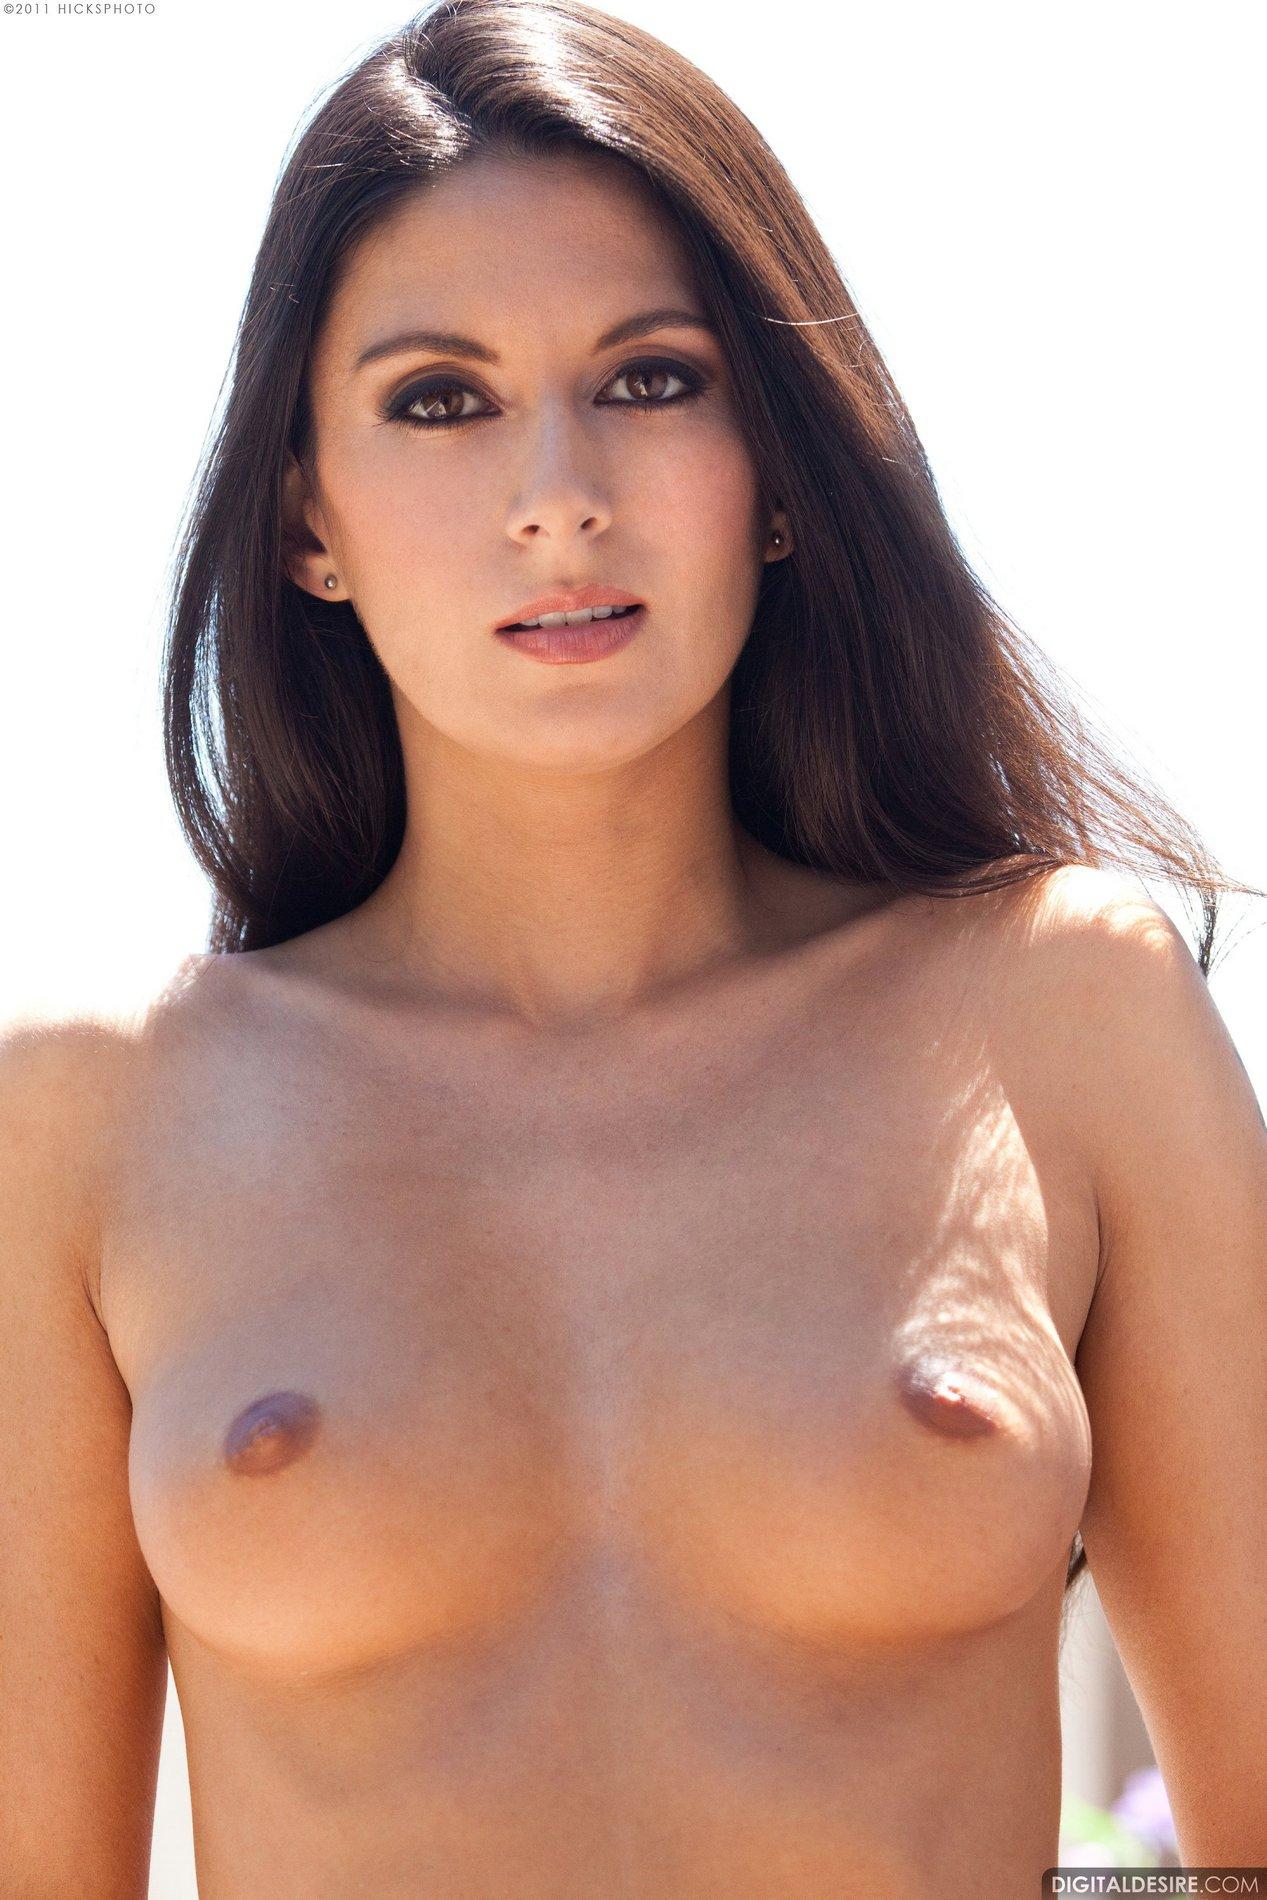 Nikki daniels porn